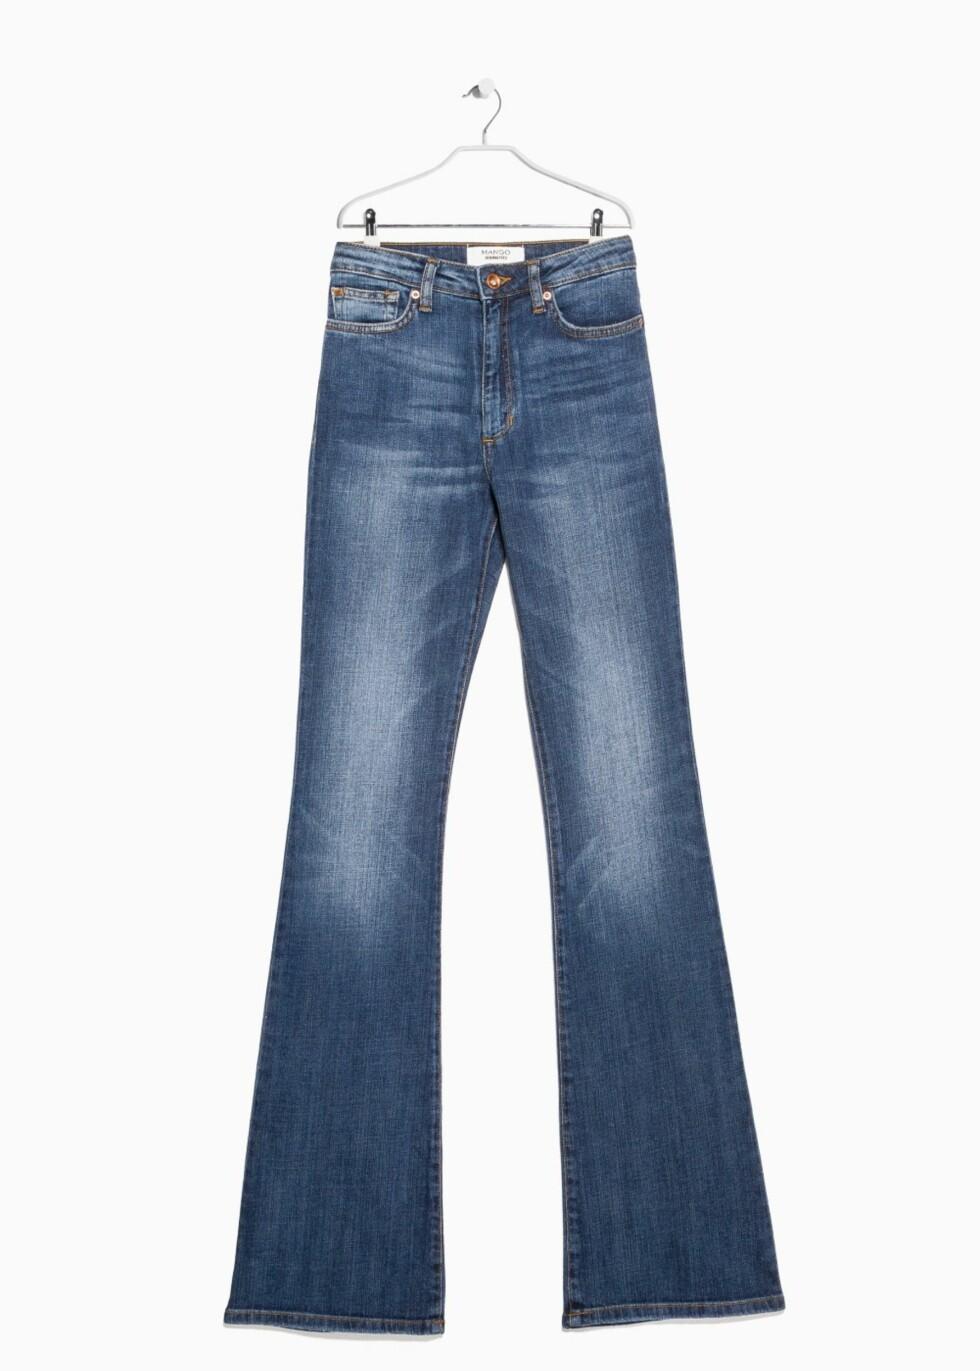 Jeans fra Mango, 399 kr. Foto: Produsenten.